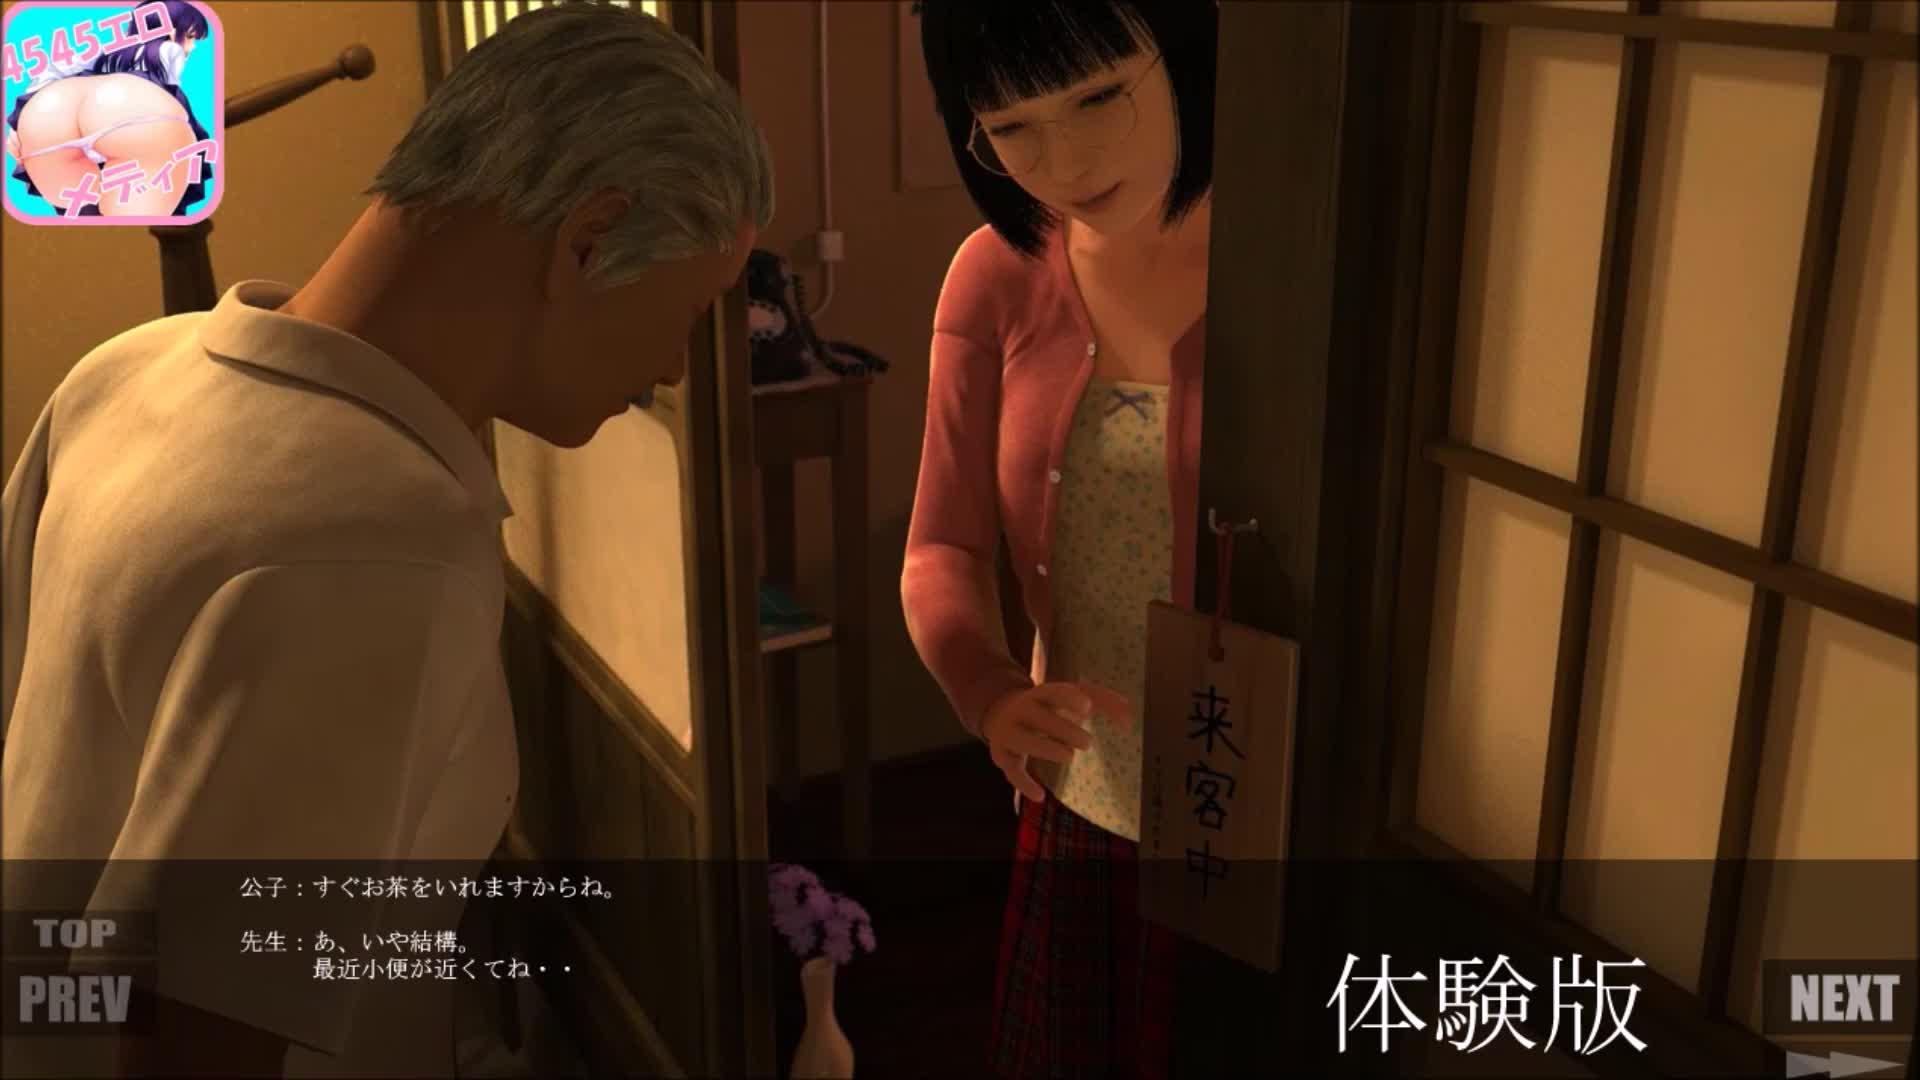 3Dアニメ 春を売るメガネっ娘とじじぃ  公子 ▼体験版あり